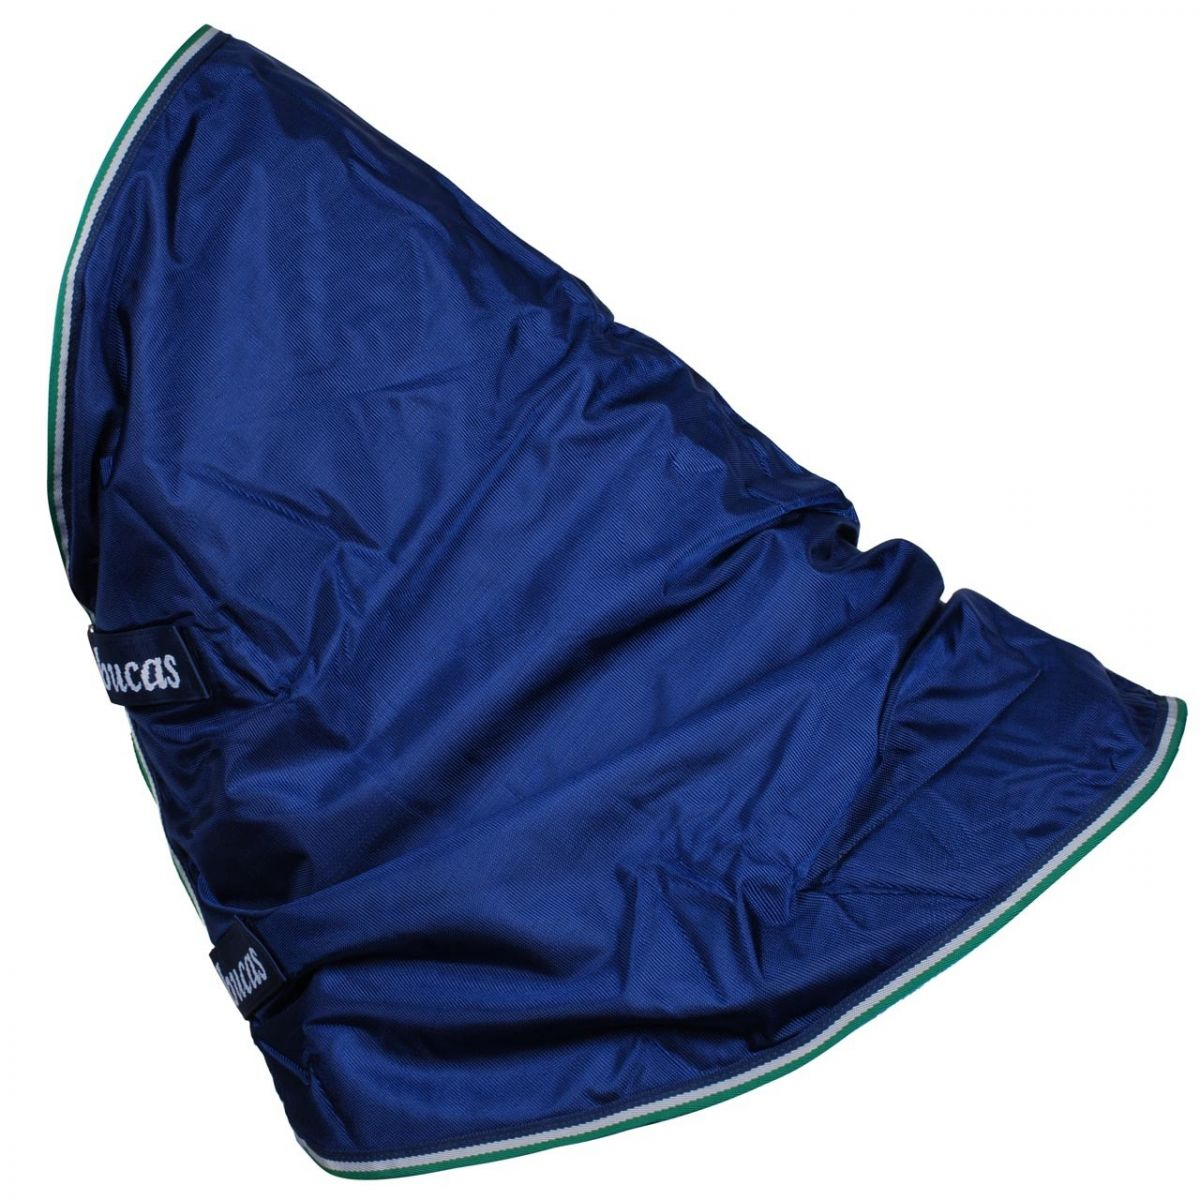 Bucas Smartex halsstuk donkerblauw maat:l